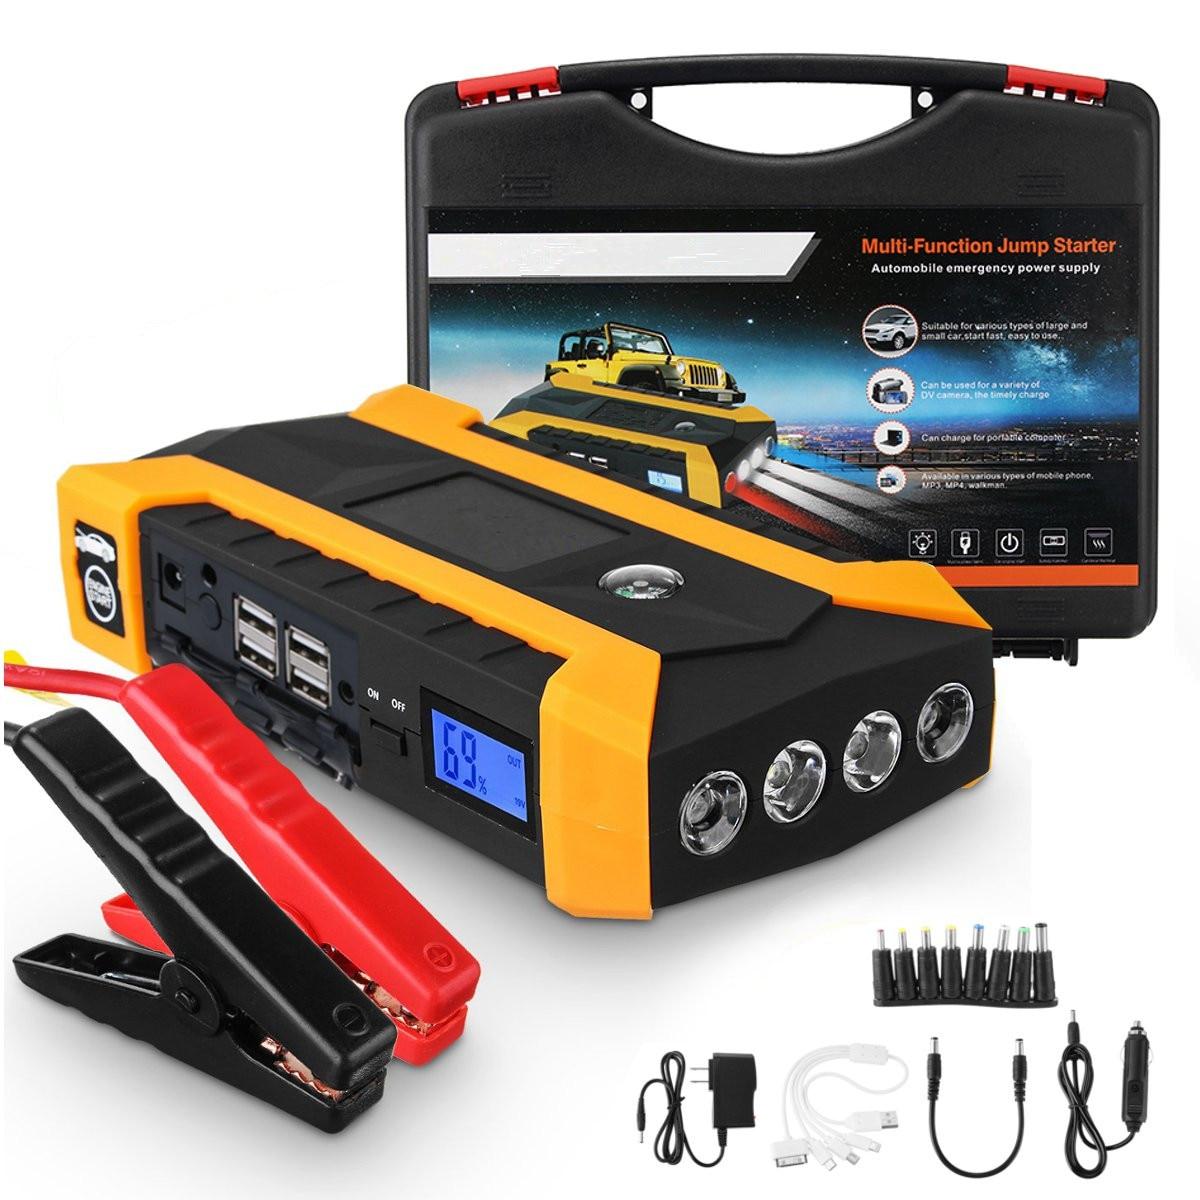 Multifunktions Jump Starter 89800 mah 12 v 4USB 600A Tragbare Auto Batterie Booster Ladegerät Booster Power Bank Ausgangs Gerät